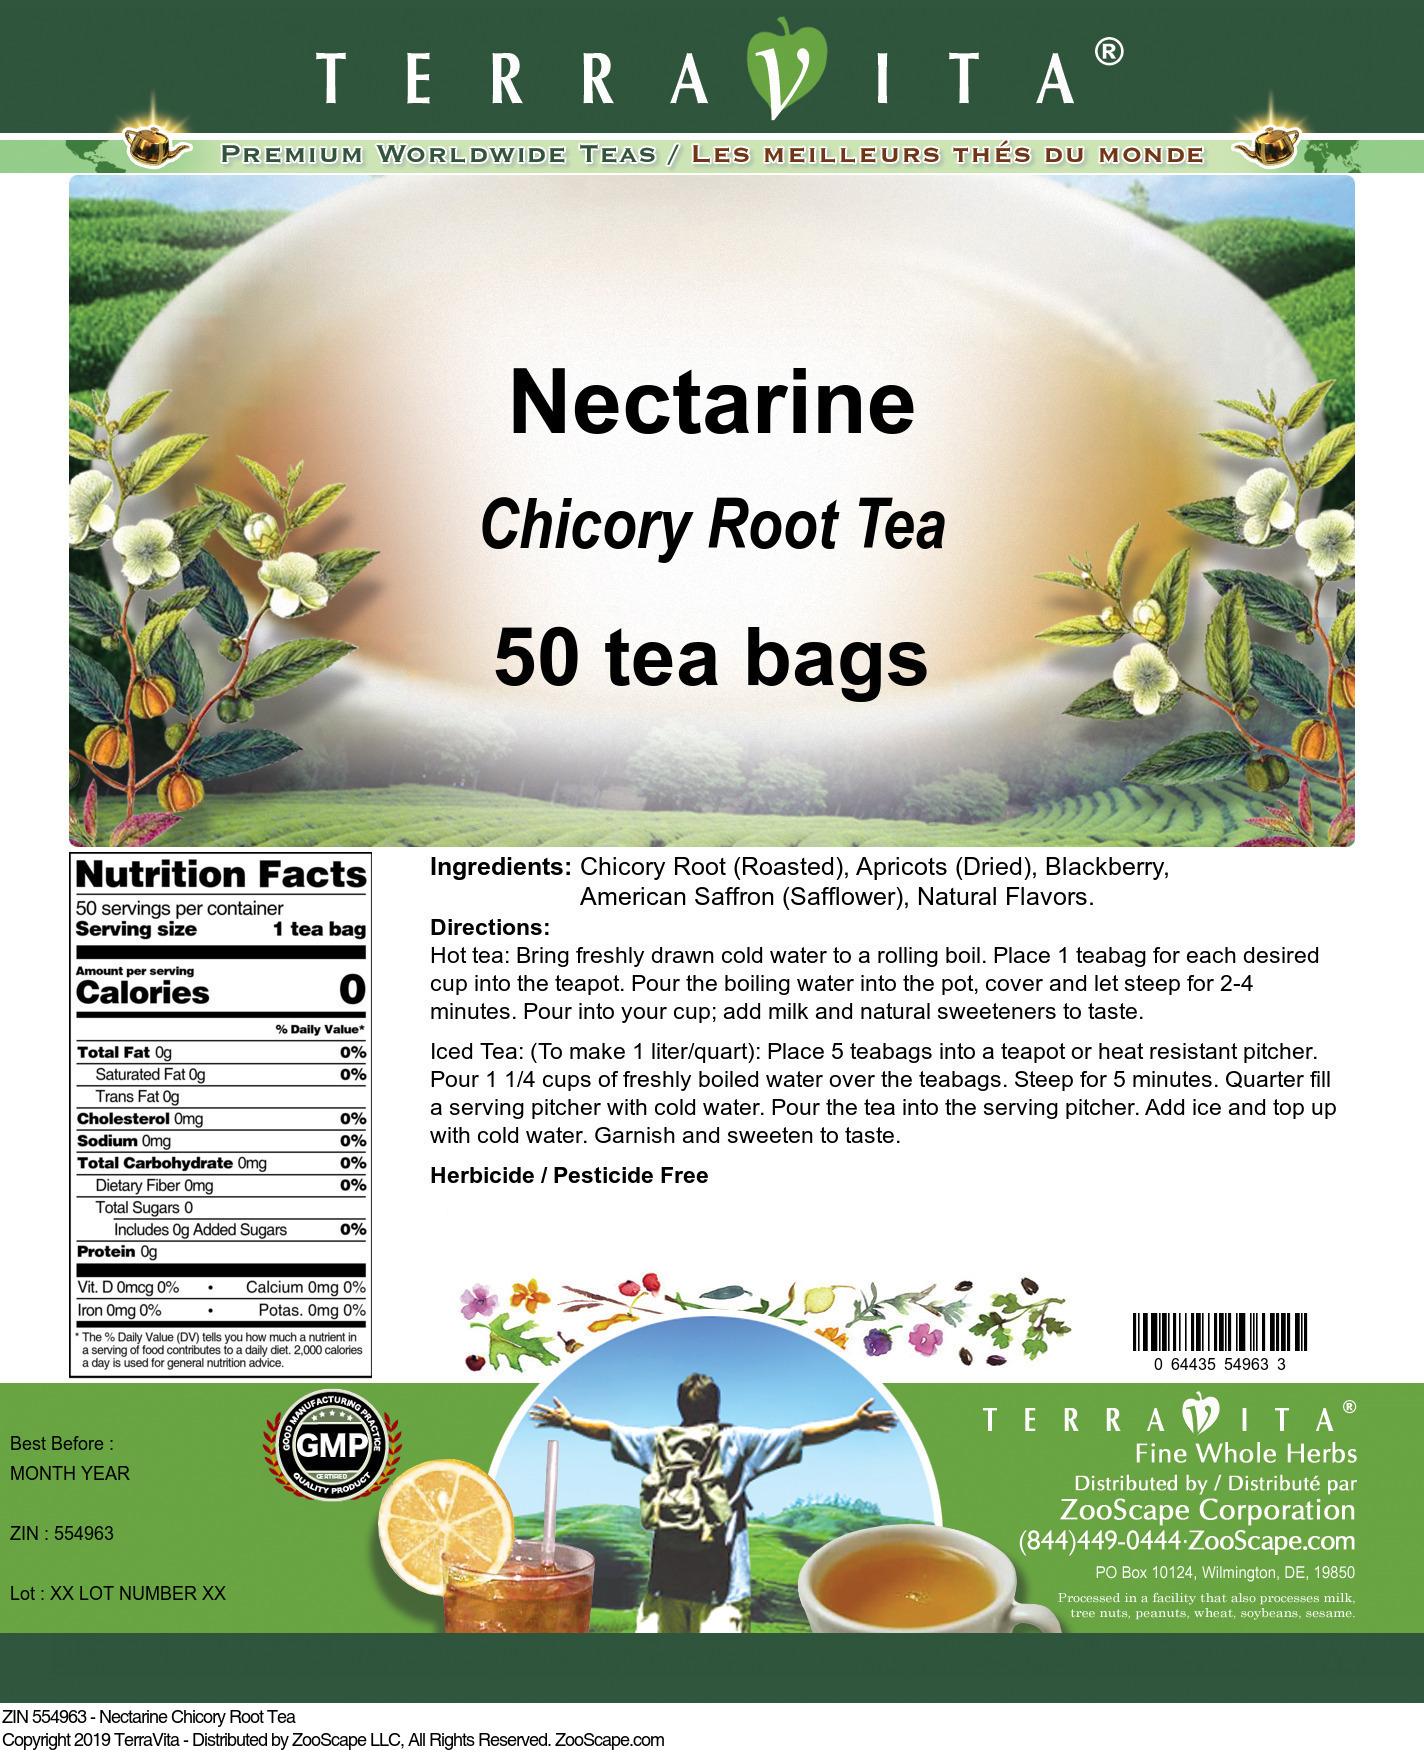 Nectarine Chicory Root